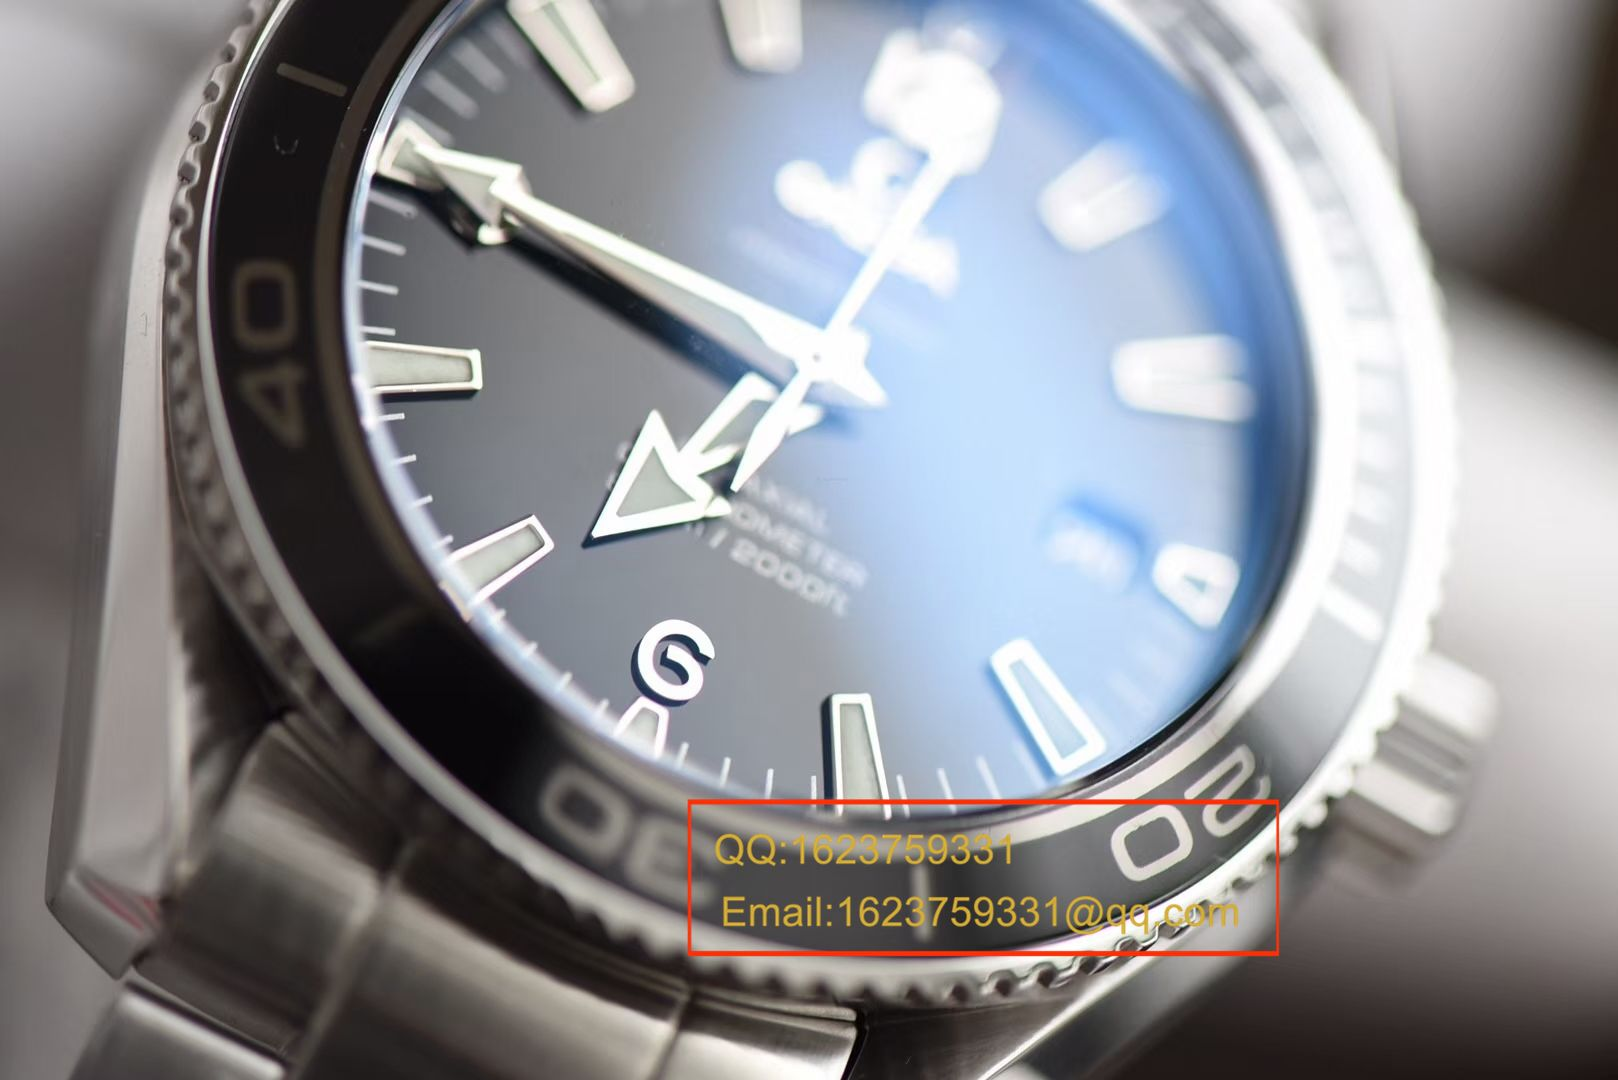 【N厂神器V5最强版本断货王】欧米茄PLANET OCEAN海马系列1948枚限量版手表 / M120